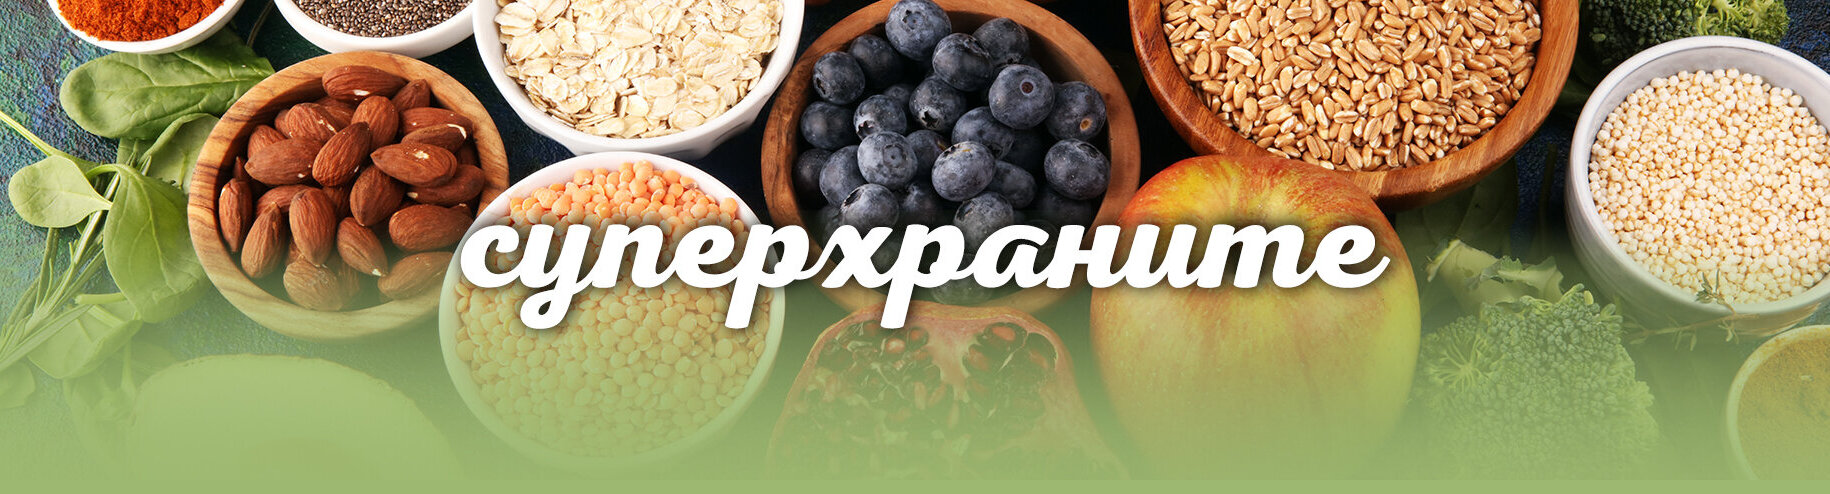 Суперхраните – тяхната полза и лесни рецепти